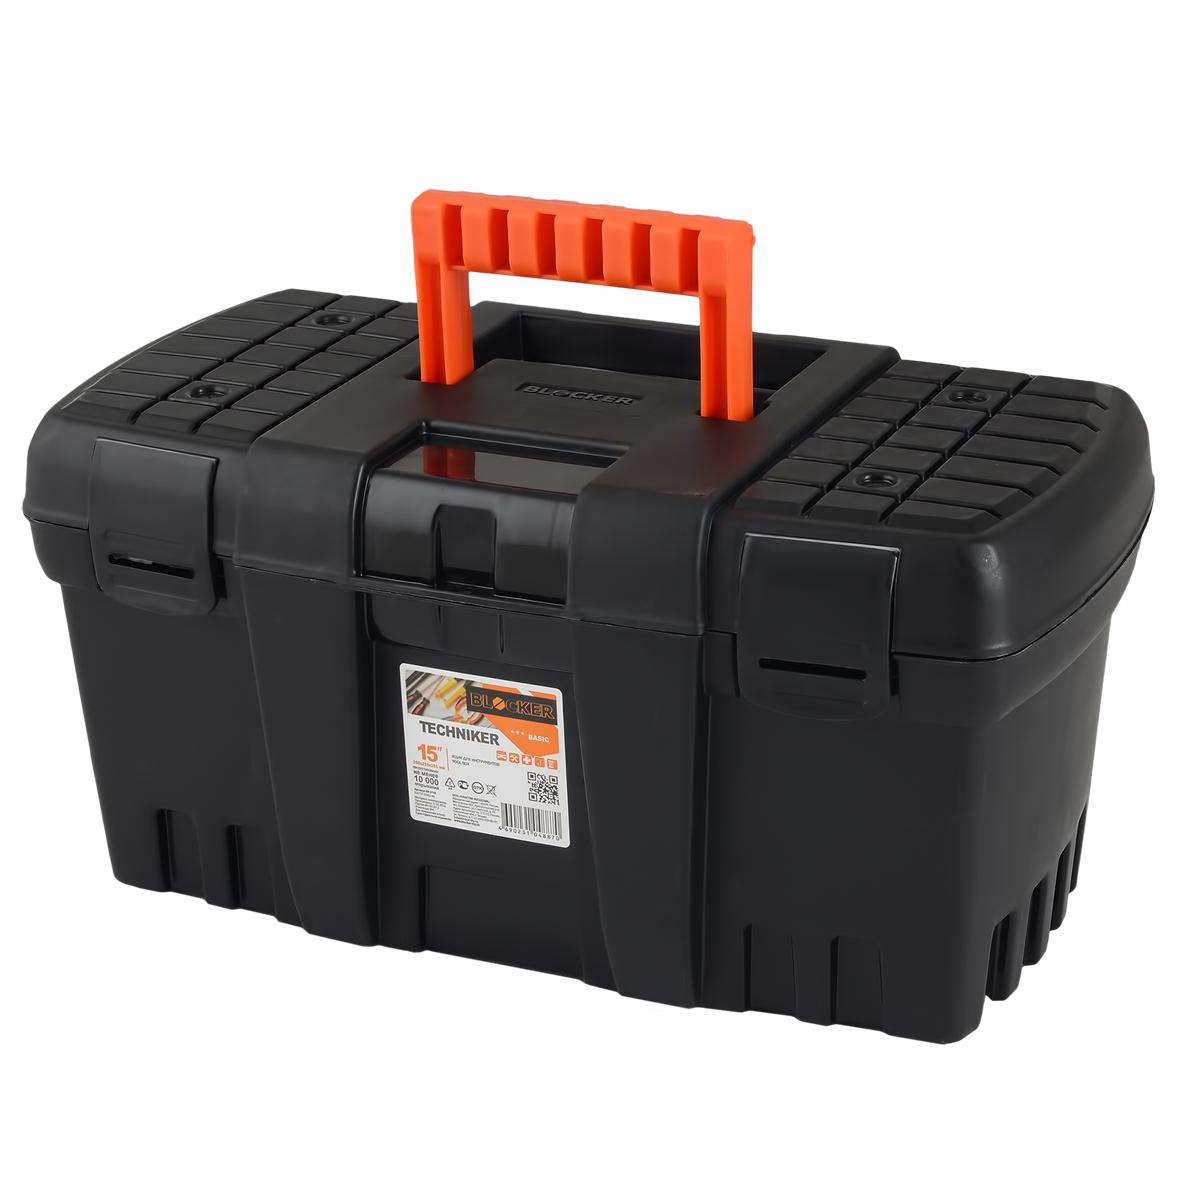 Ящик для инструментов Blocker Techniker, цвет: черный, 460 х 250 х 233 мм98295719Ящик Blocker Techniker отлично подходит для организации хранения и транспортировки инструментов и принадлежностей к ним в автомобиле, на даче или дома. Петли и замки выполнены единым элементом с корпусом. Не имеет внутреннего лотка. Каждый элемент имеет ресурс 10 000 изгибов, что позволяет интенсивно эксплуатировать продукт несколько лет.